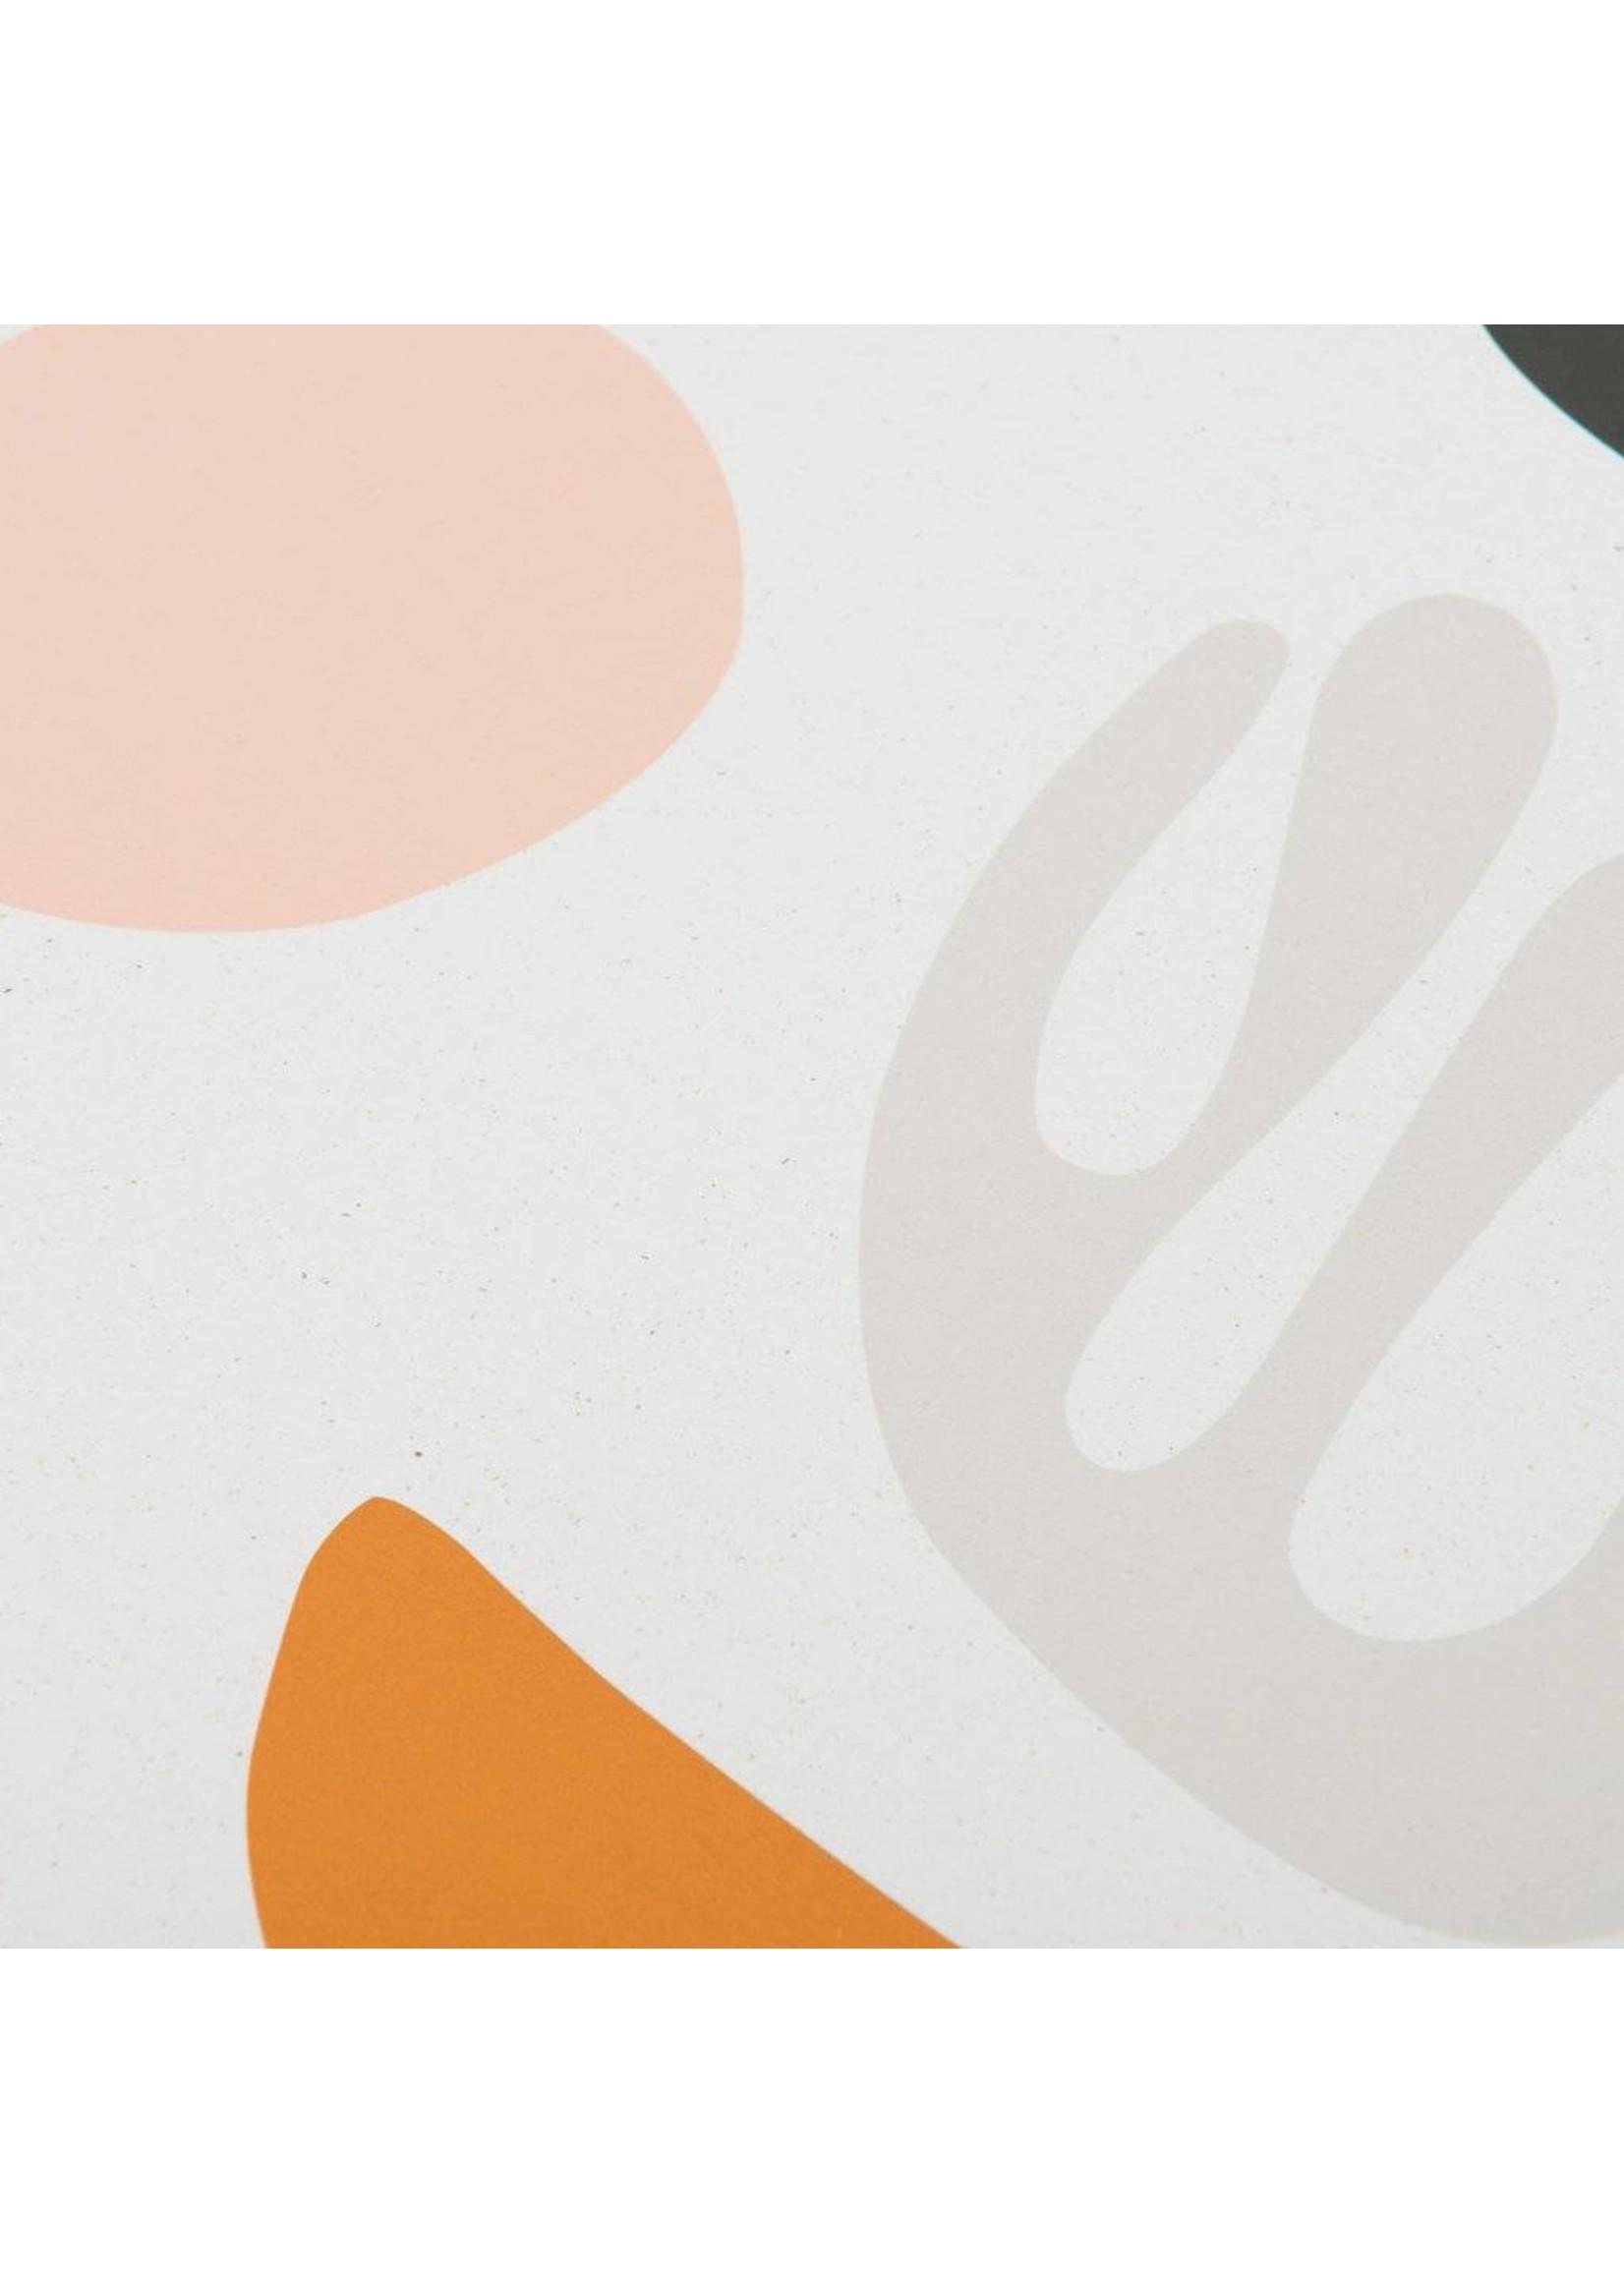 Tom Pigeon Tom Pigeon Seaweed 2 A2 Print